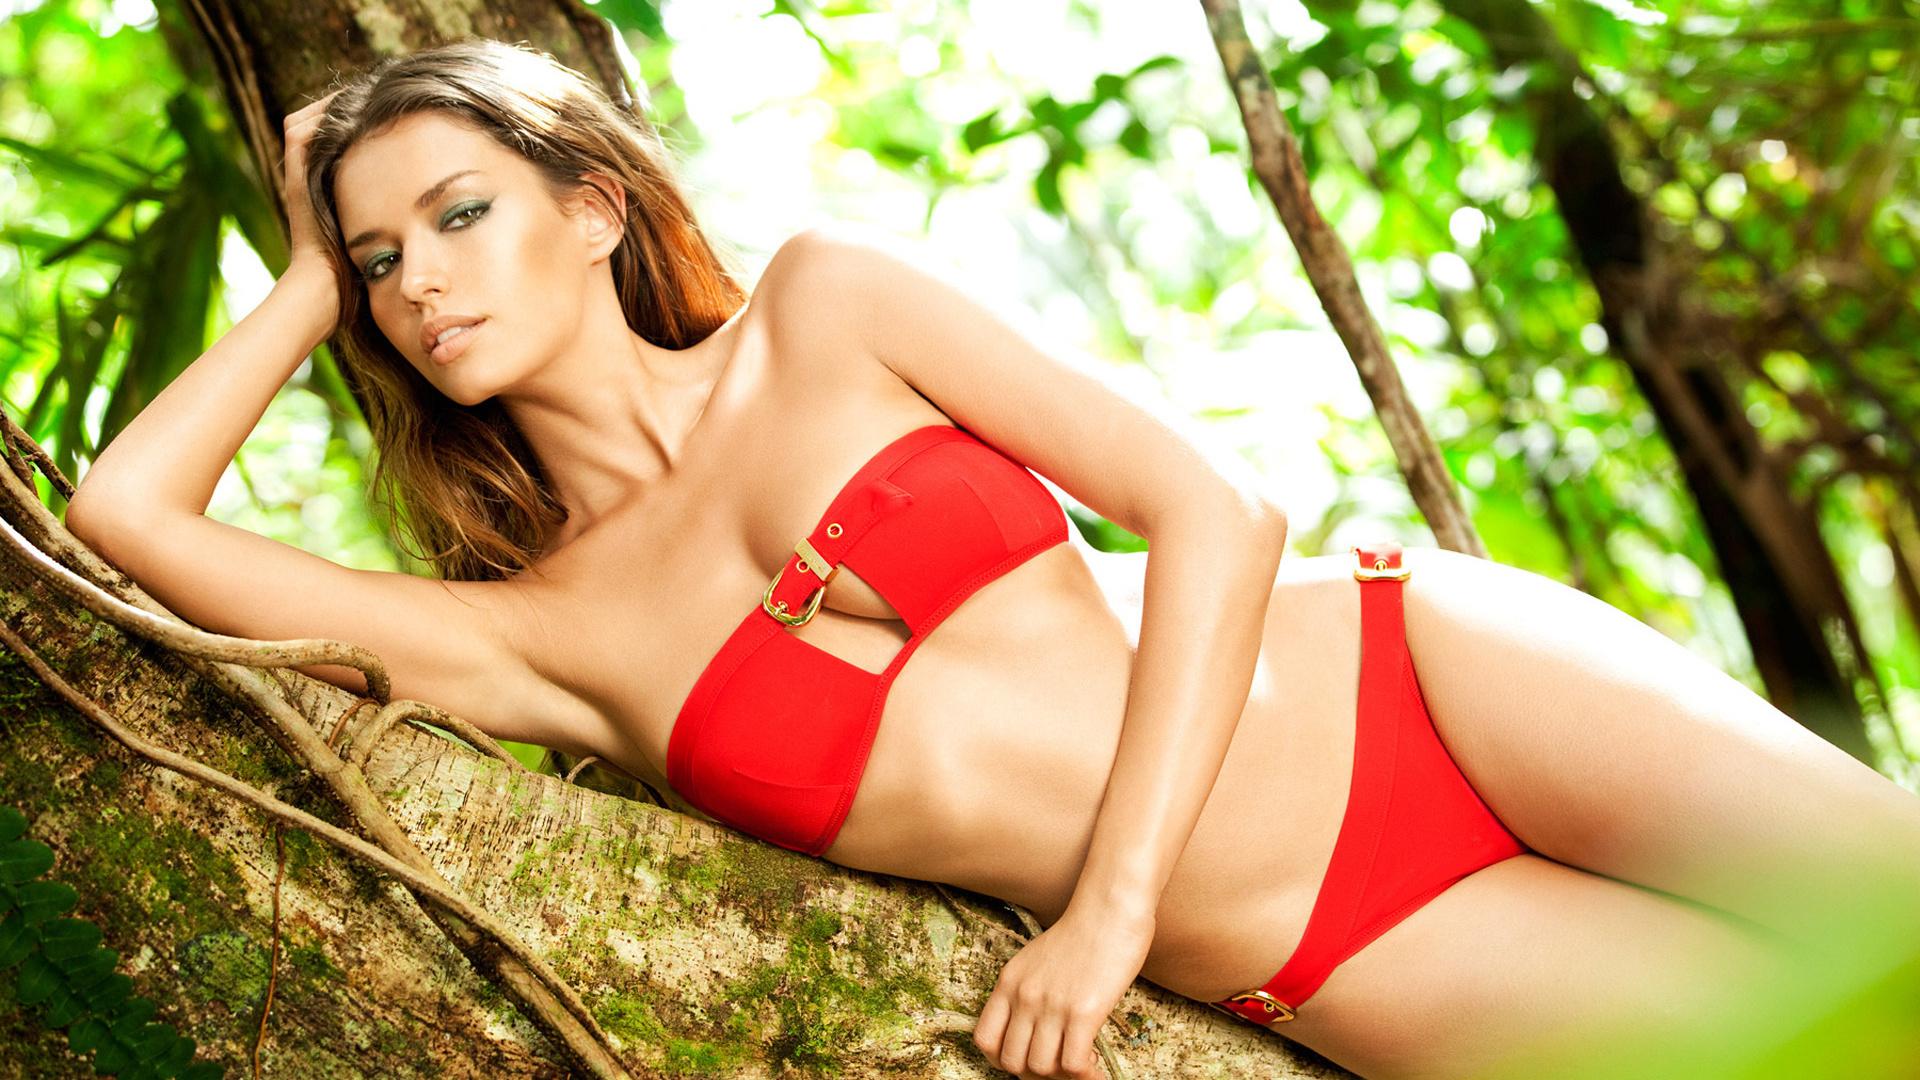 Супер девушки с красивым телом 16 фотография